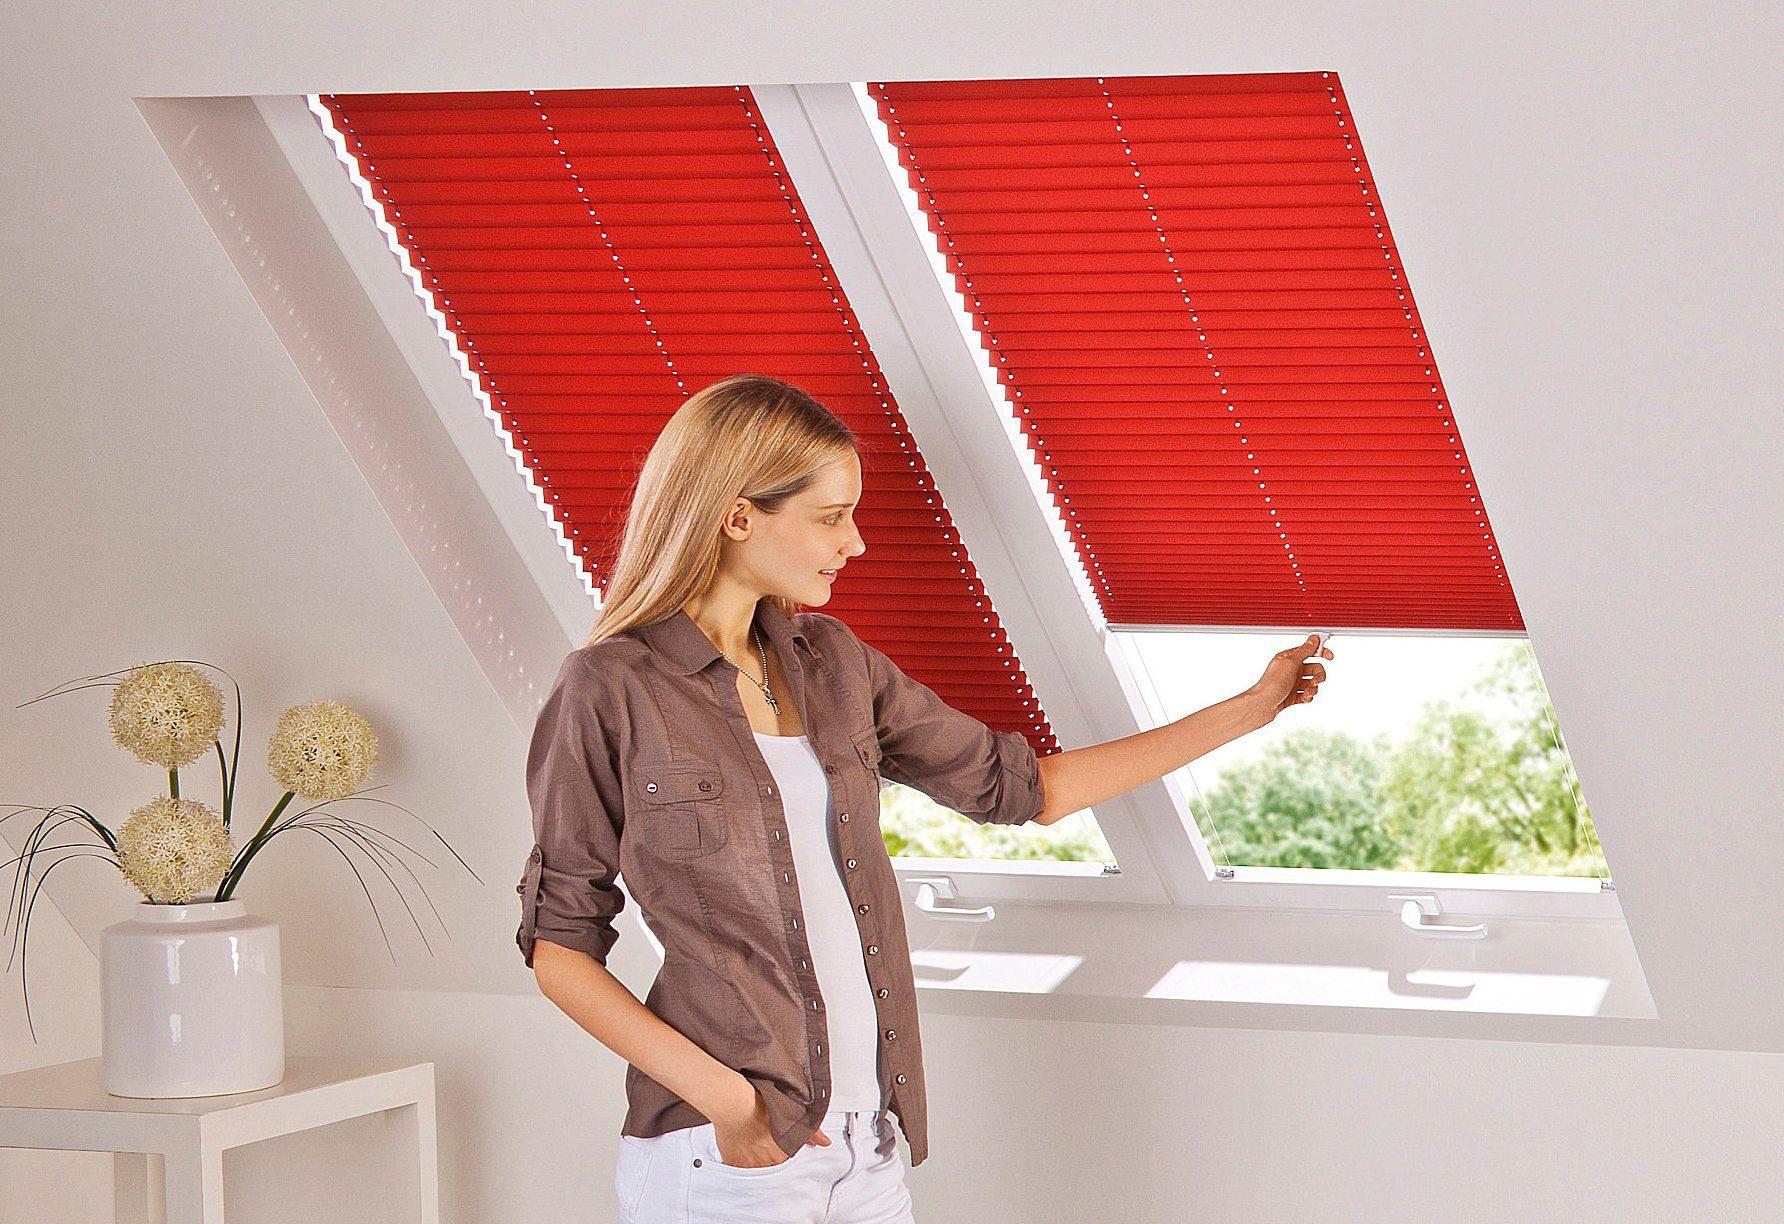 Dachfensterplissee nach Maß sunlines verdunkelnd mit Bohren verspannt Wohnen/Wohntextilien/Rollos & Jalousien/Plissees/Dachfensterplissees